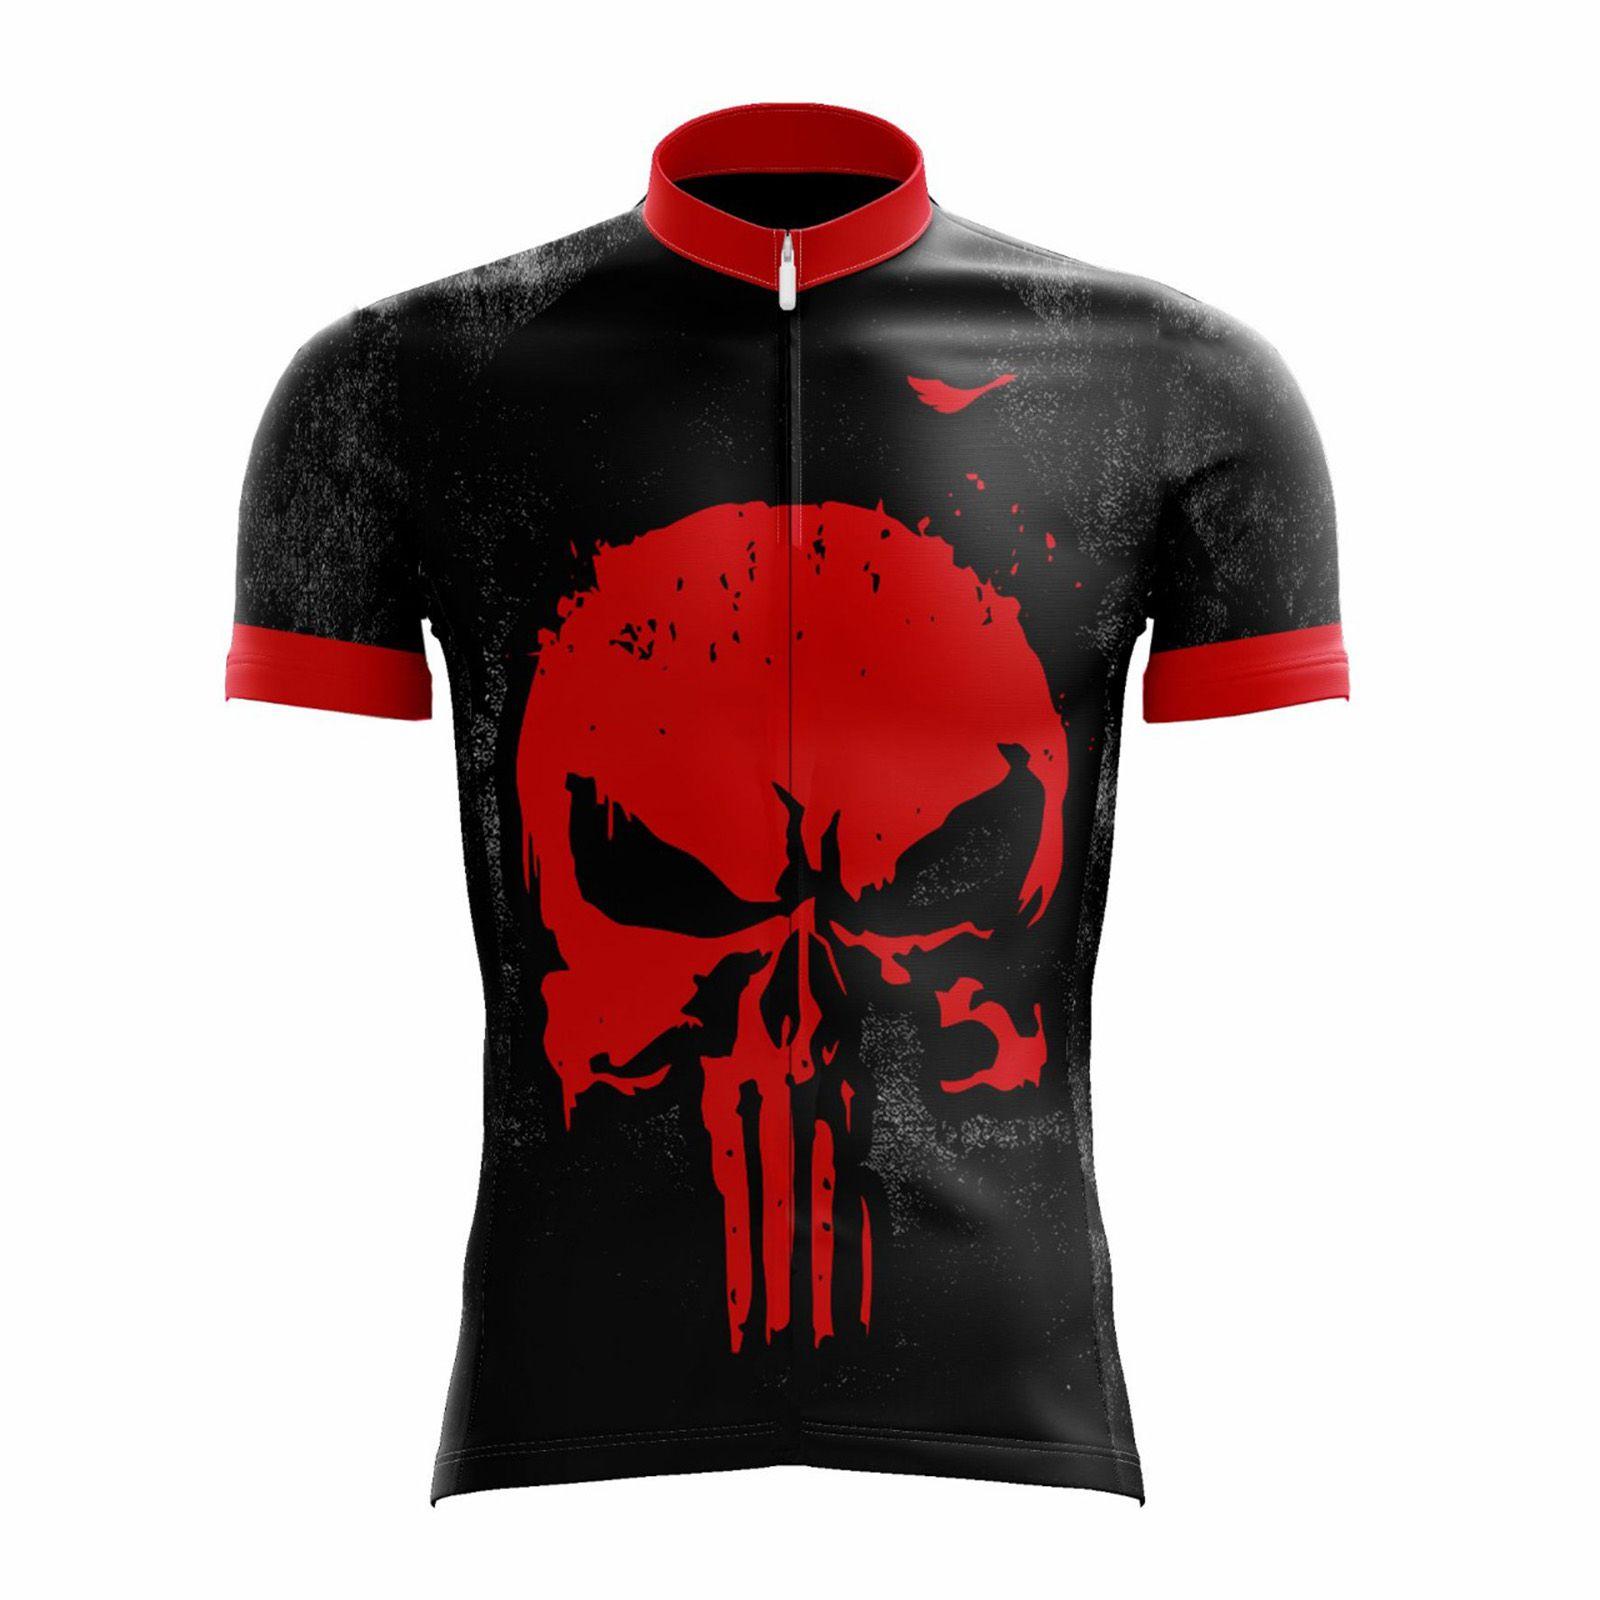 Camisa Ciclismo Masculina Justiceiro 2.0 c/ Proteção UV - SCAPE